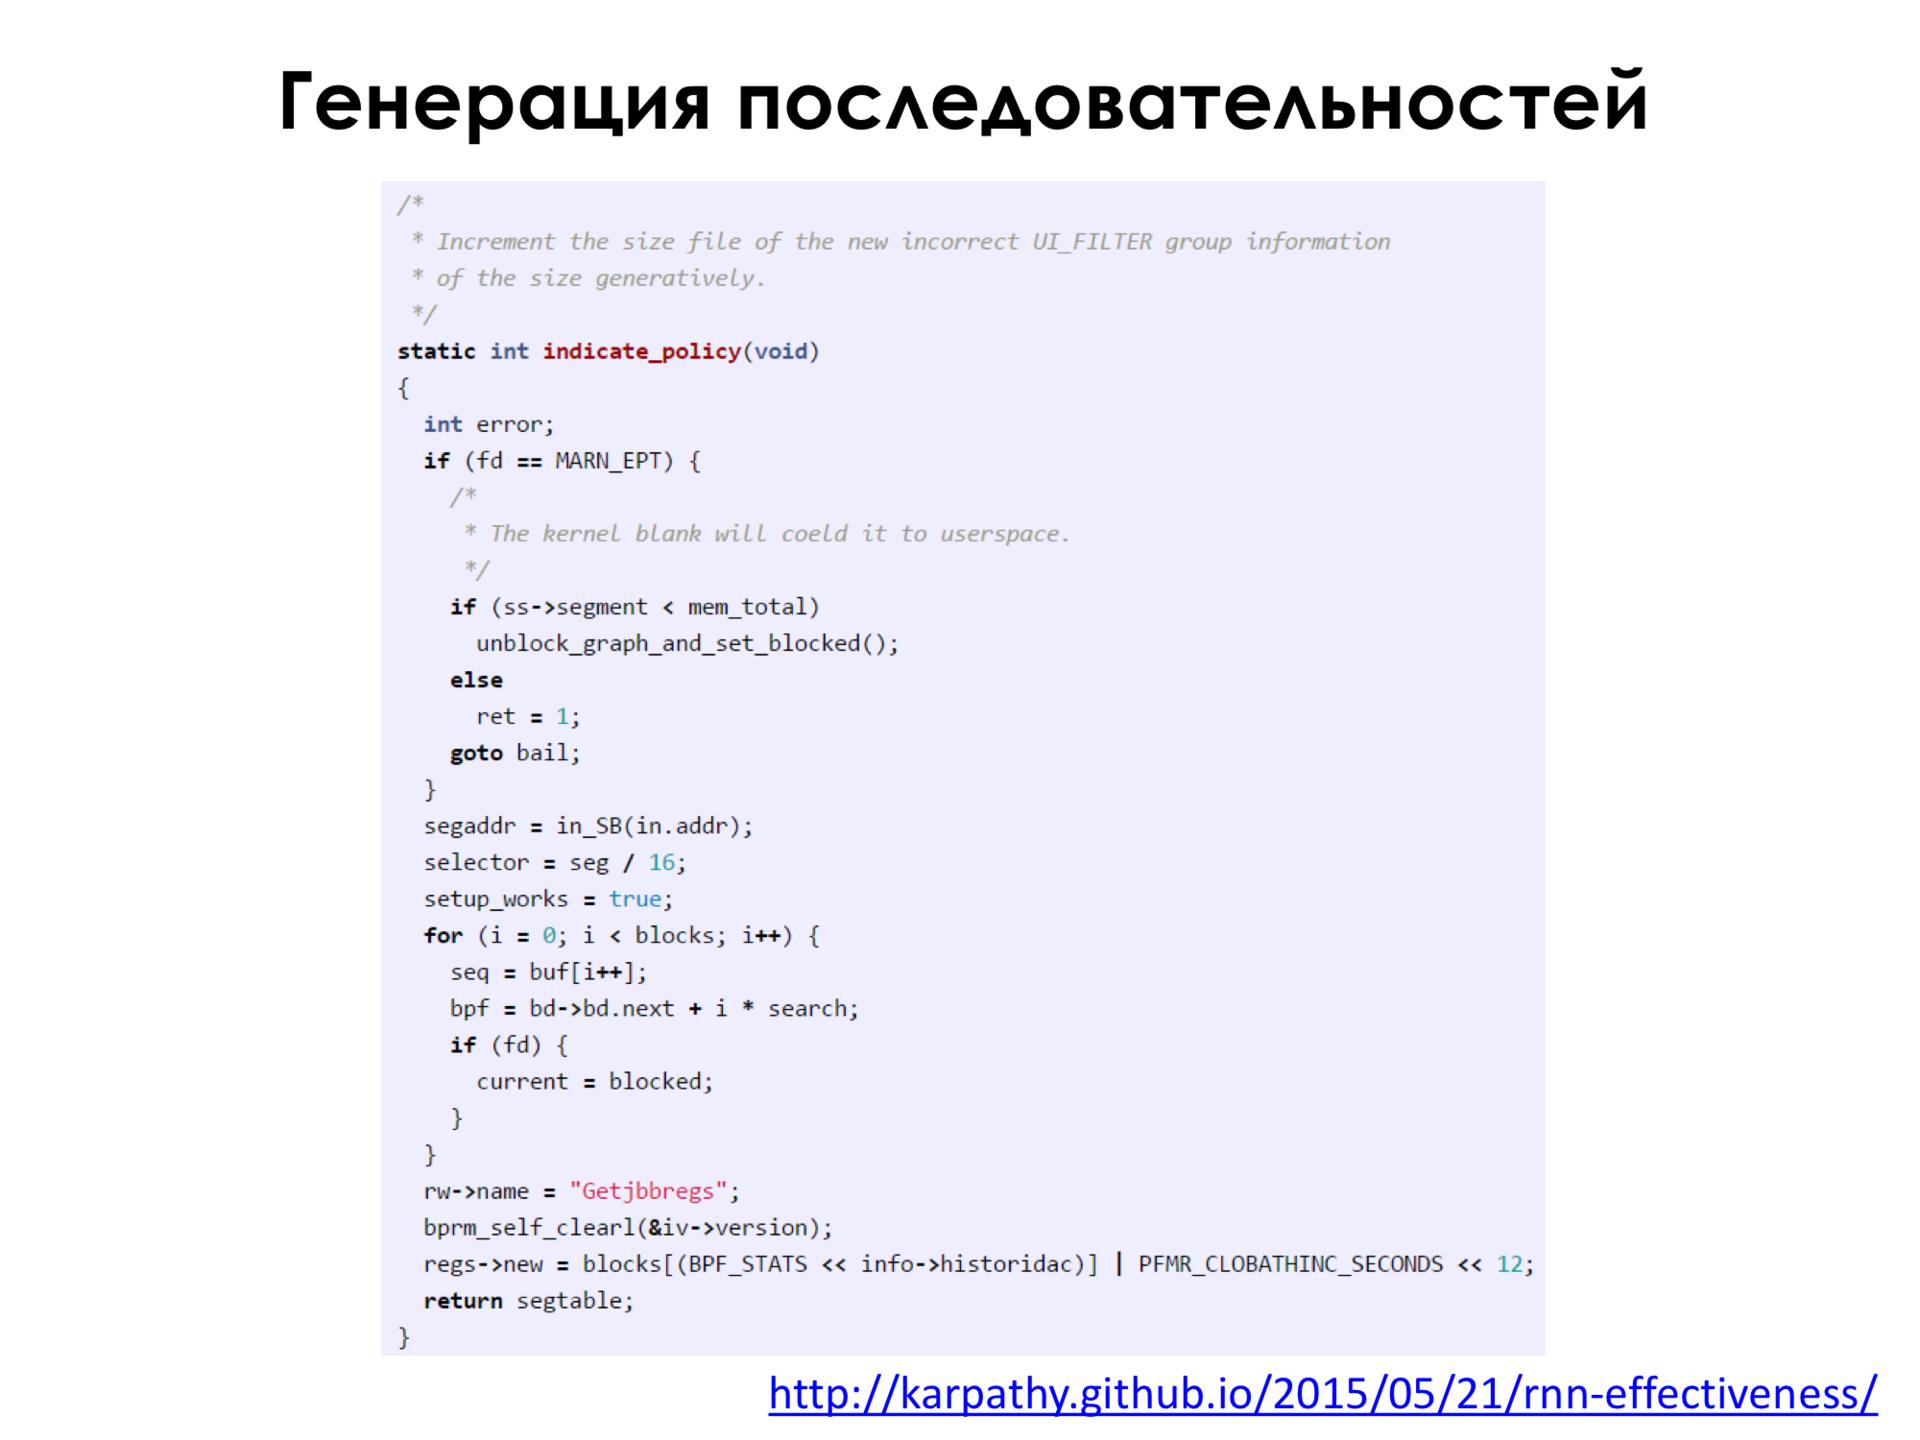 Самое главное о нейронных сетях. Лекция в Яндексе - 32